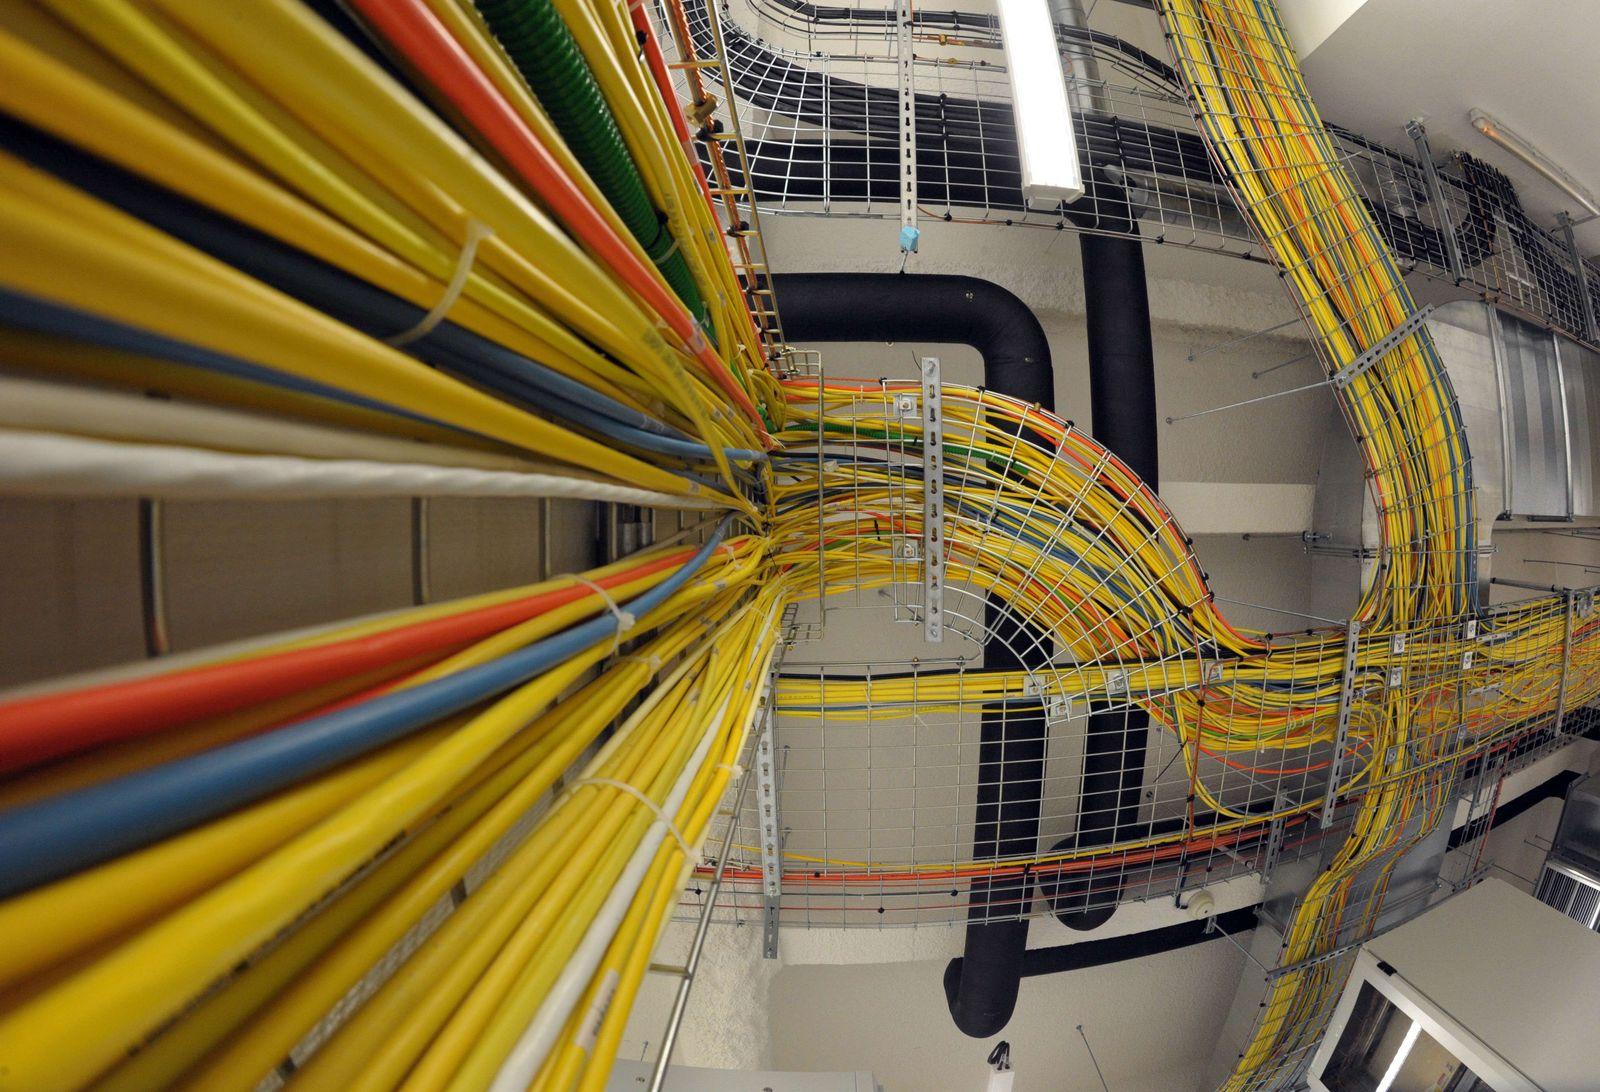 FRANCE-TECHNOLOGY-DATA-CENTER-TELEHOUSE-INTERNET